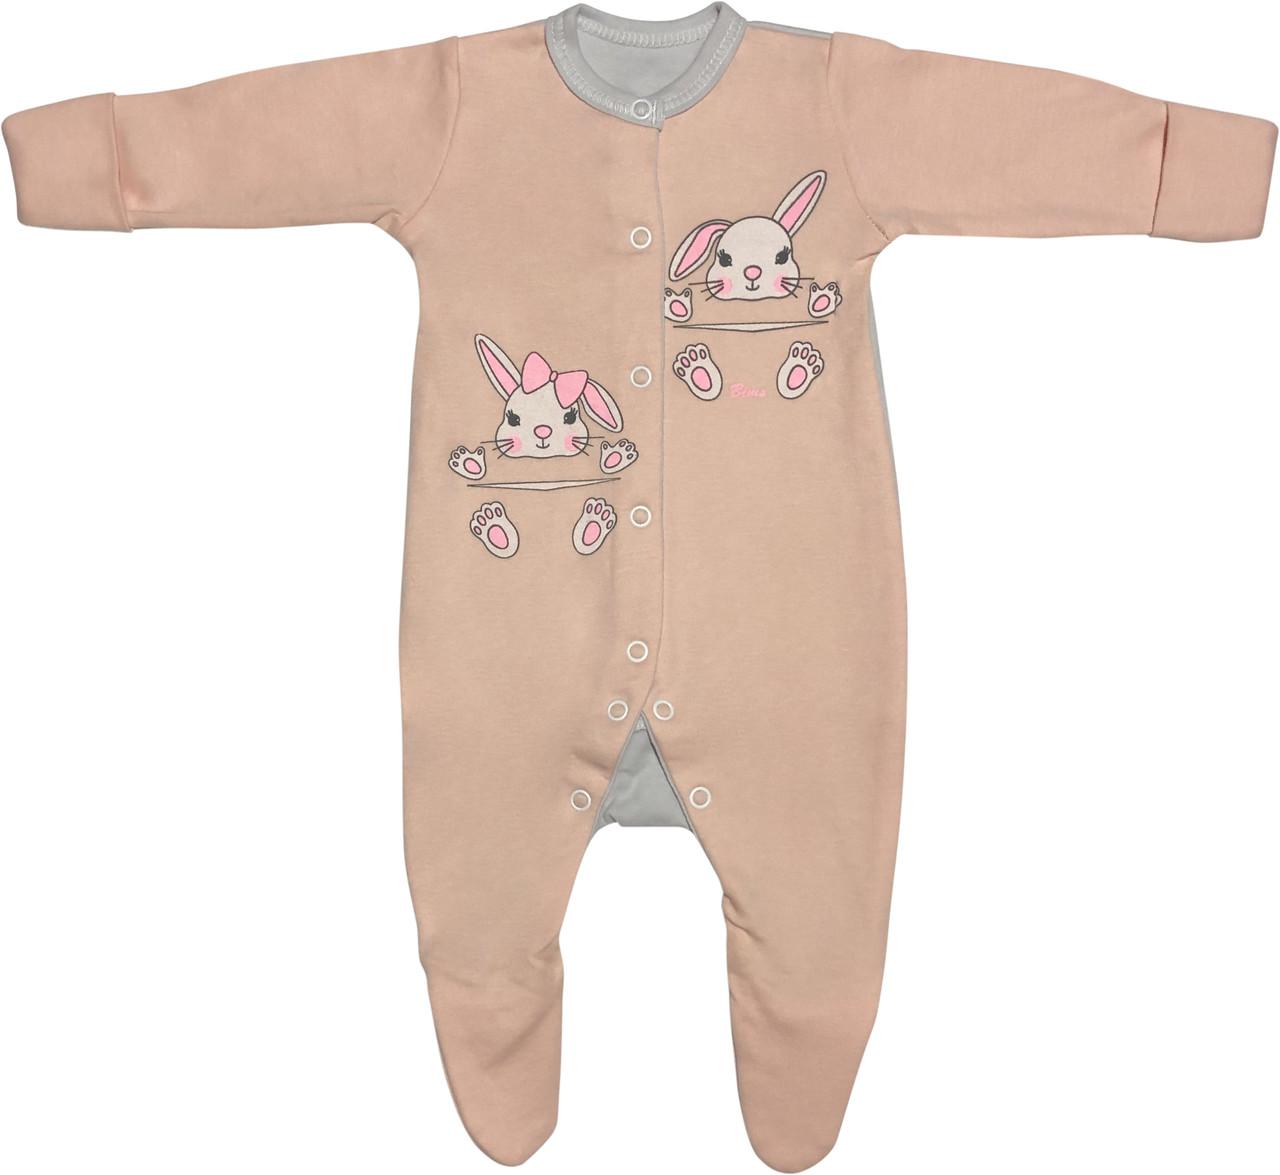 Чоловічок на дівчинку ріст 56 0-2 міс для новонароджених малюків сліп із закритими ручками трикотажний персиковий